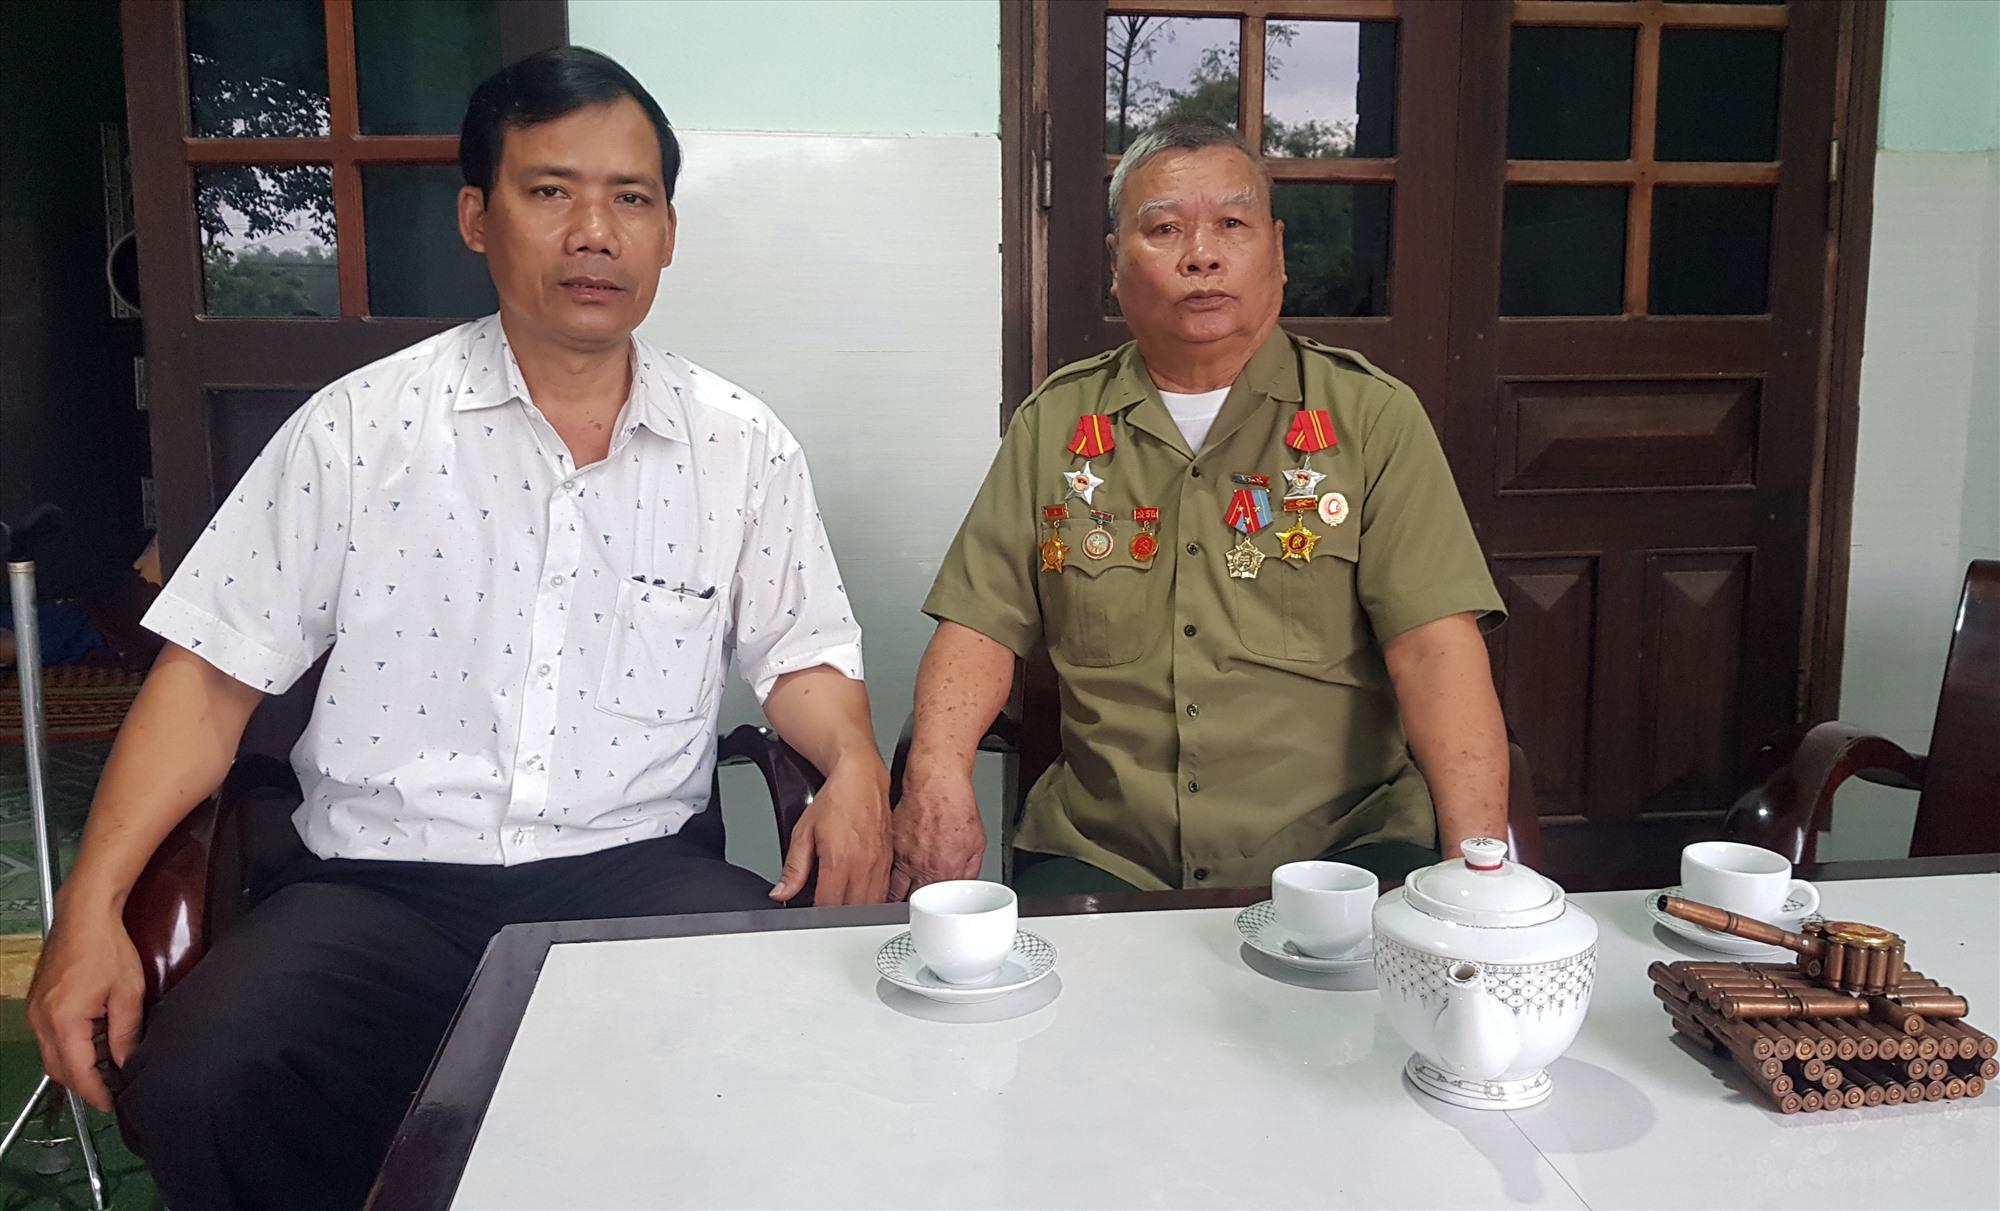 Ông Lê Hữu Ái - Bí thư Đảng ủy xã Điện Thọ (bên trái) thăm ông Nguyễn Văn Việt.